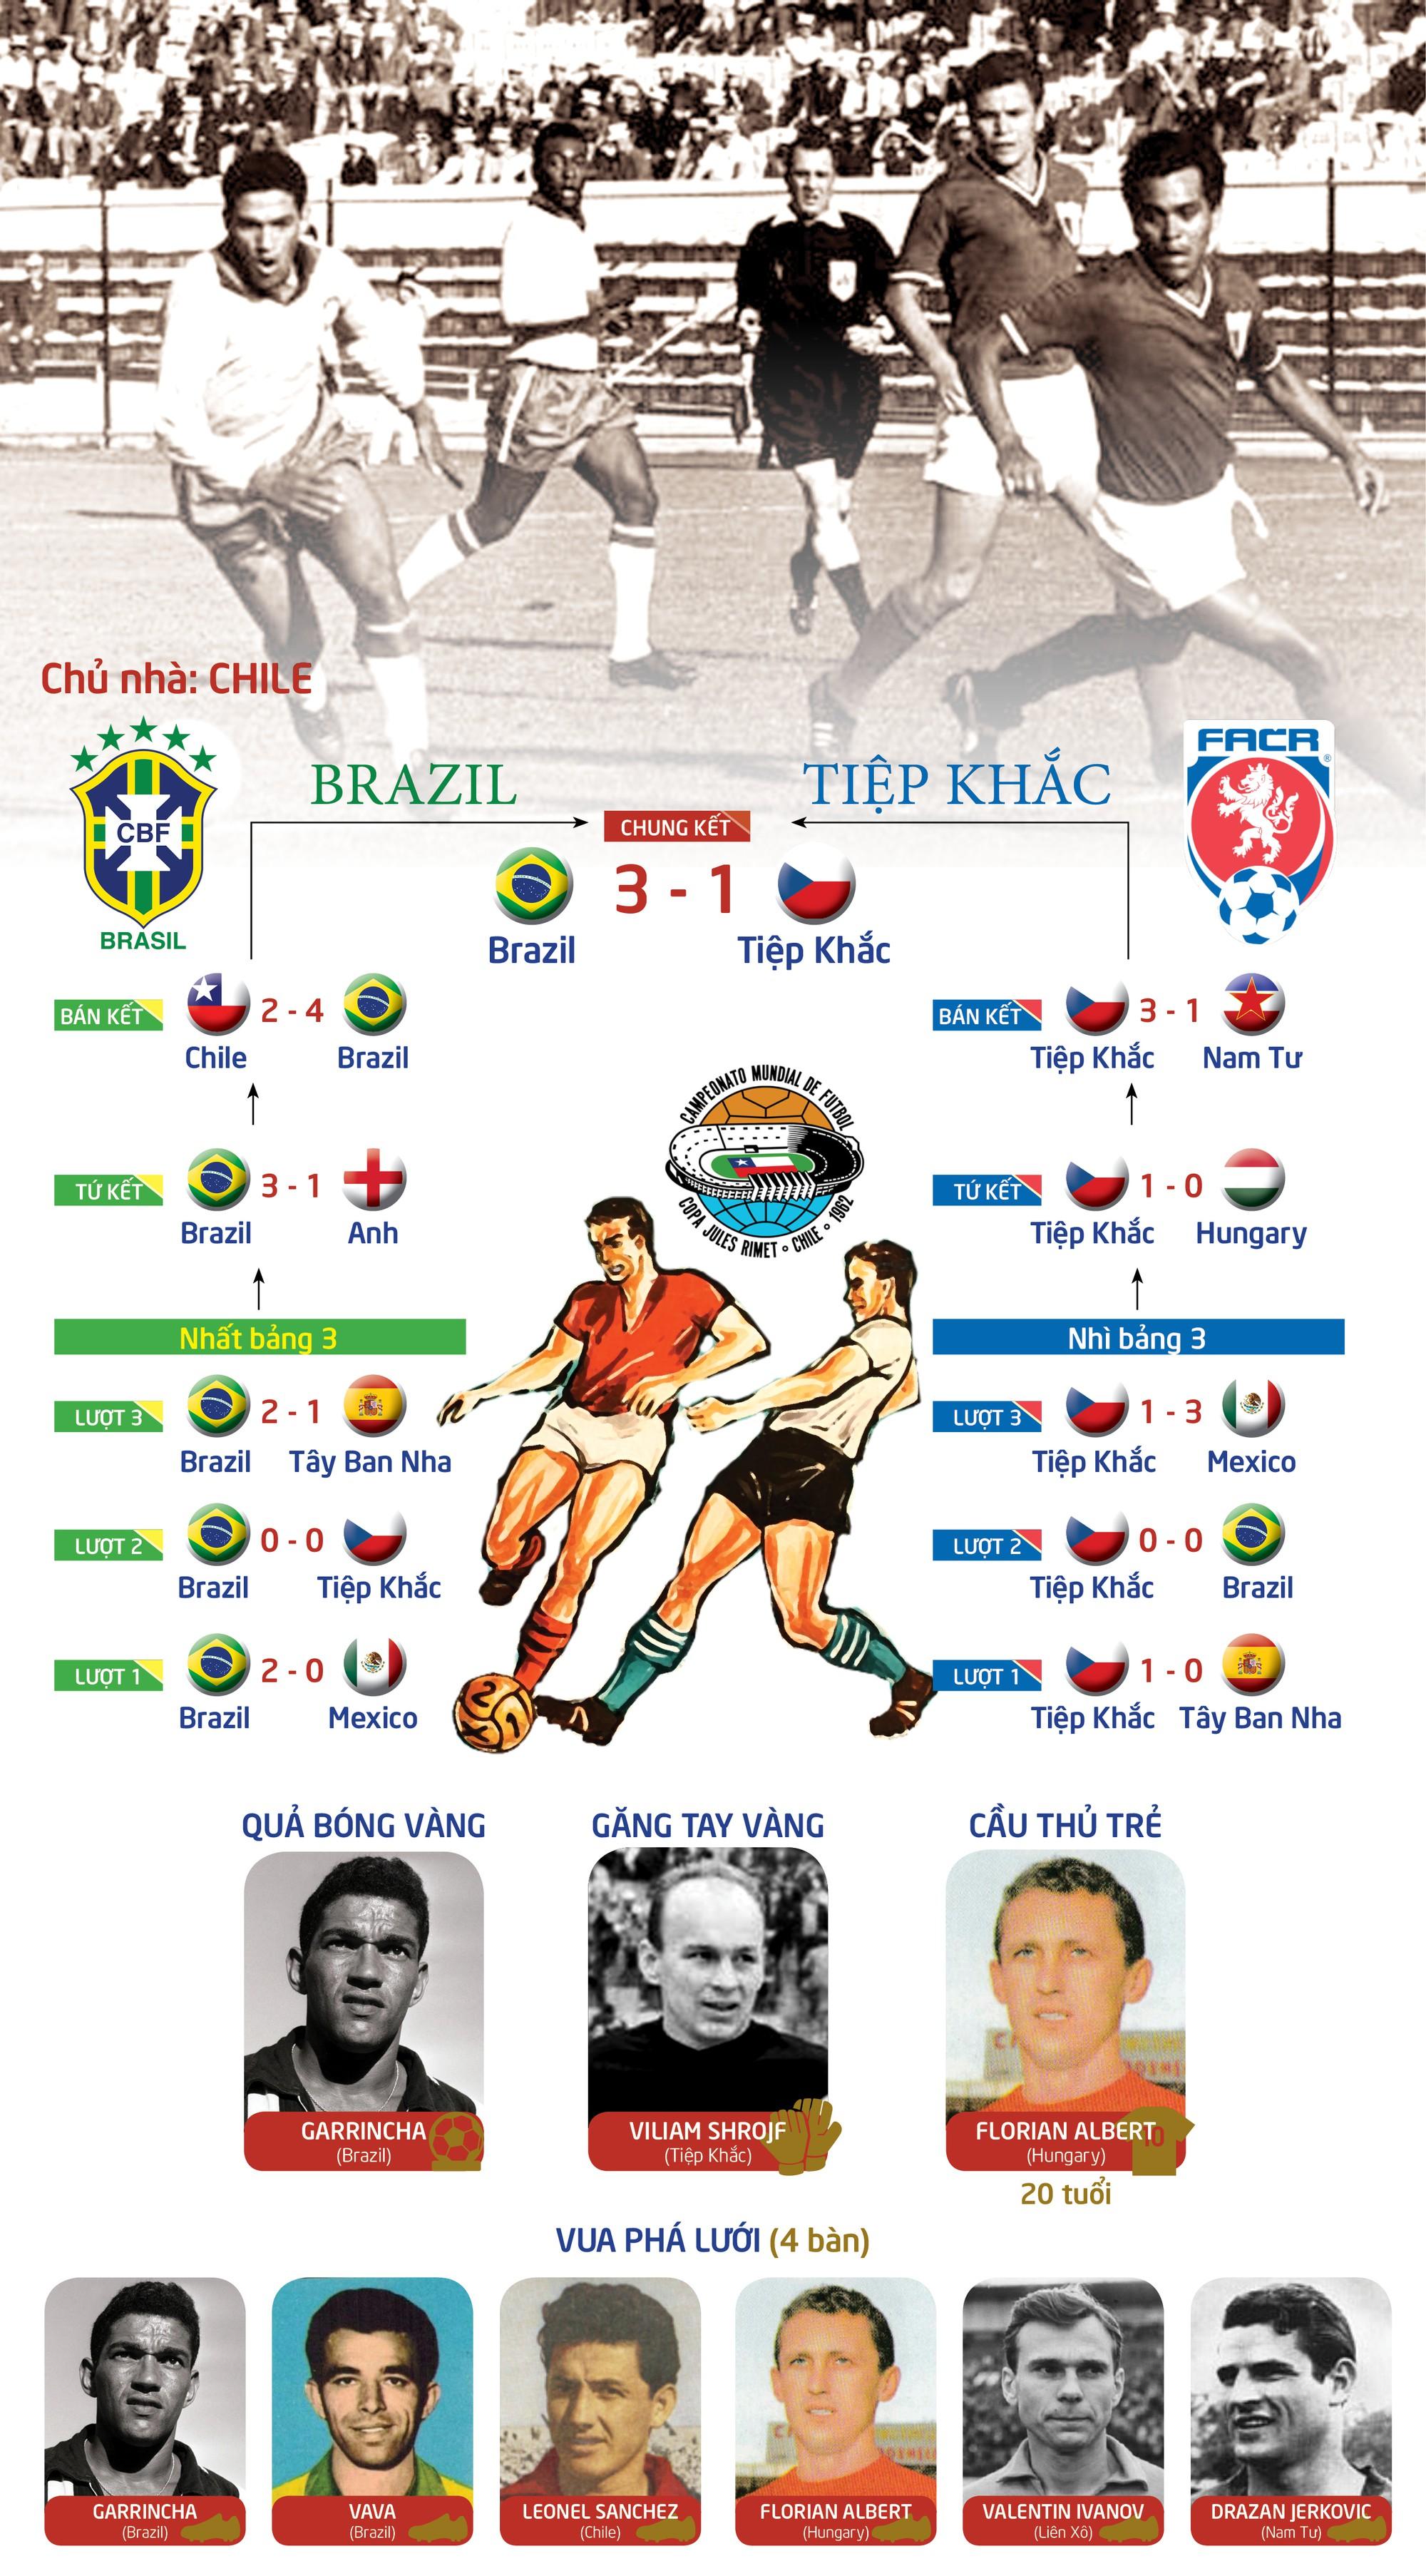 WORLD CUP 1962 - Trận đấu bạo lực nhất lịch sử